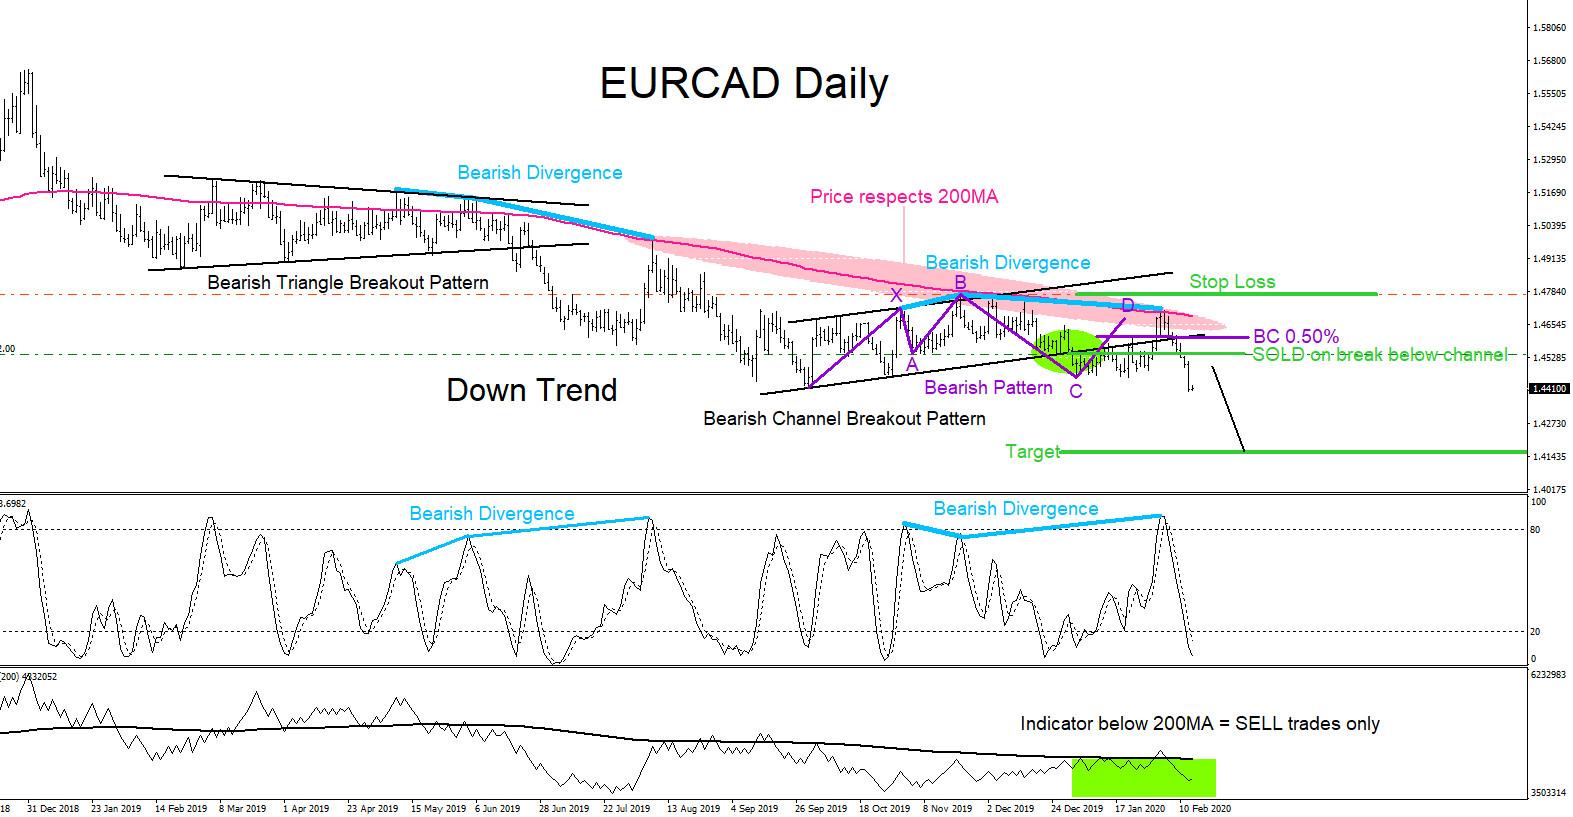 EURCAD, forex, trading, market patterns, elliottwave, aidanfx